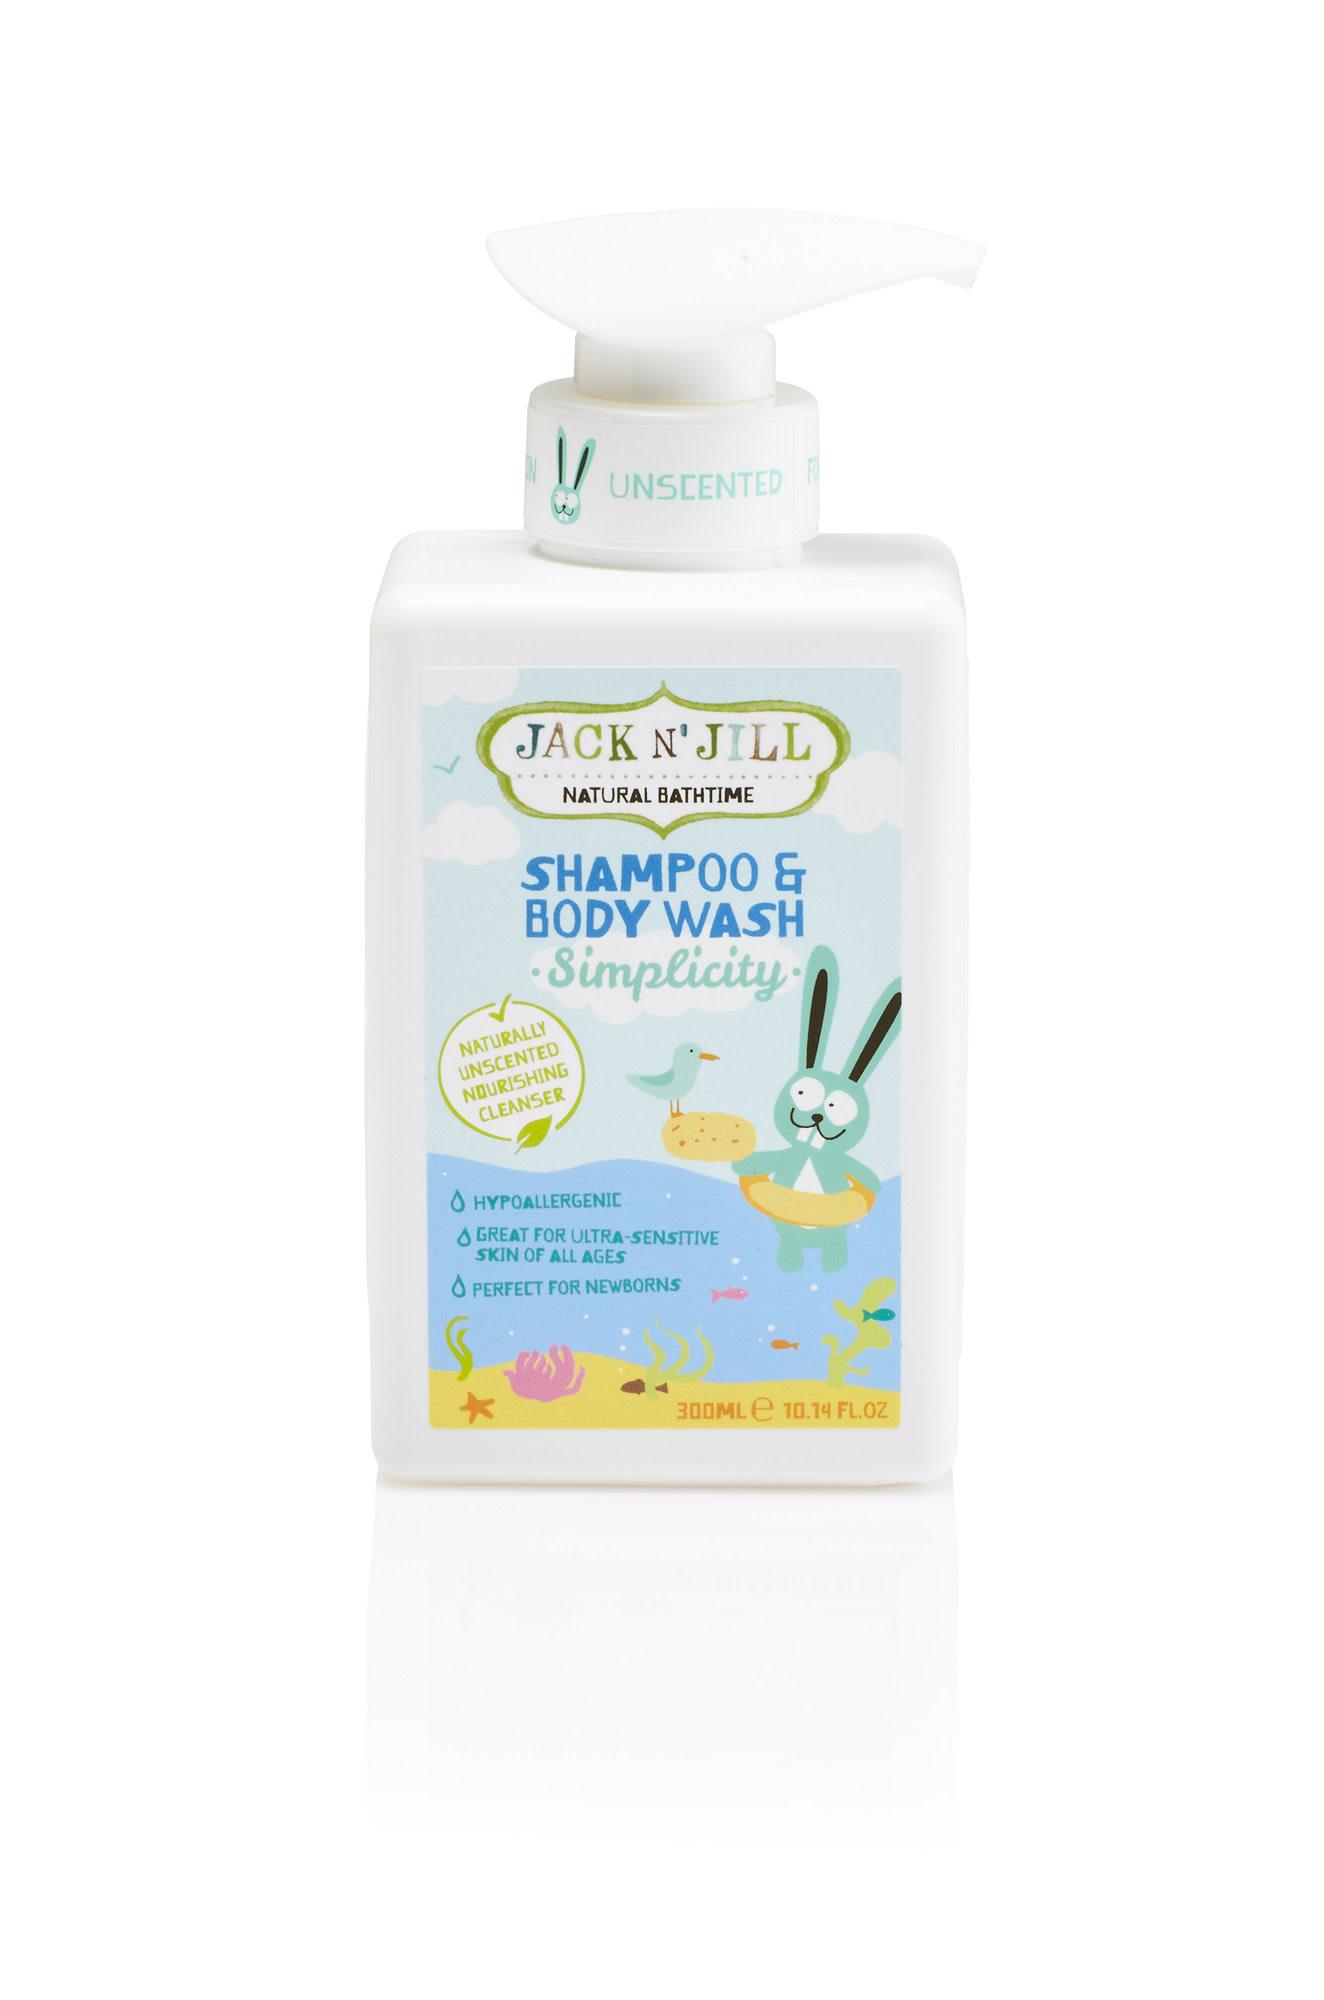 Jack n' Jill simplicity shampoo & body wash-1